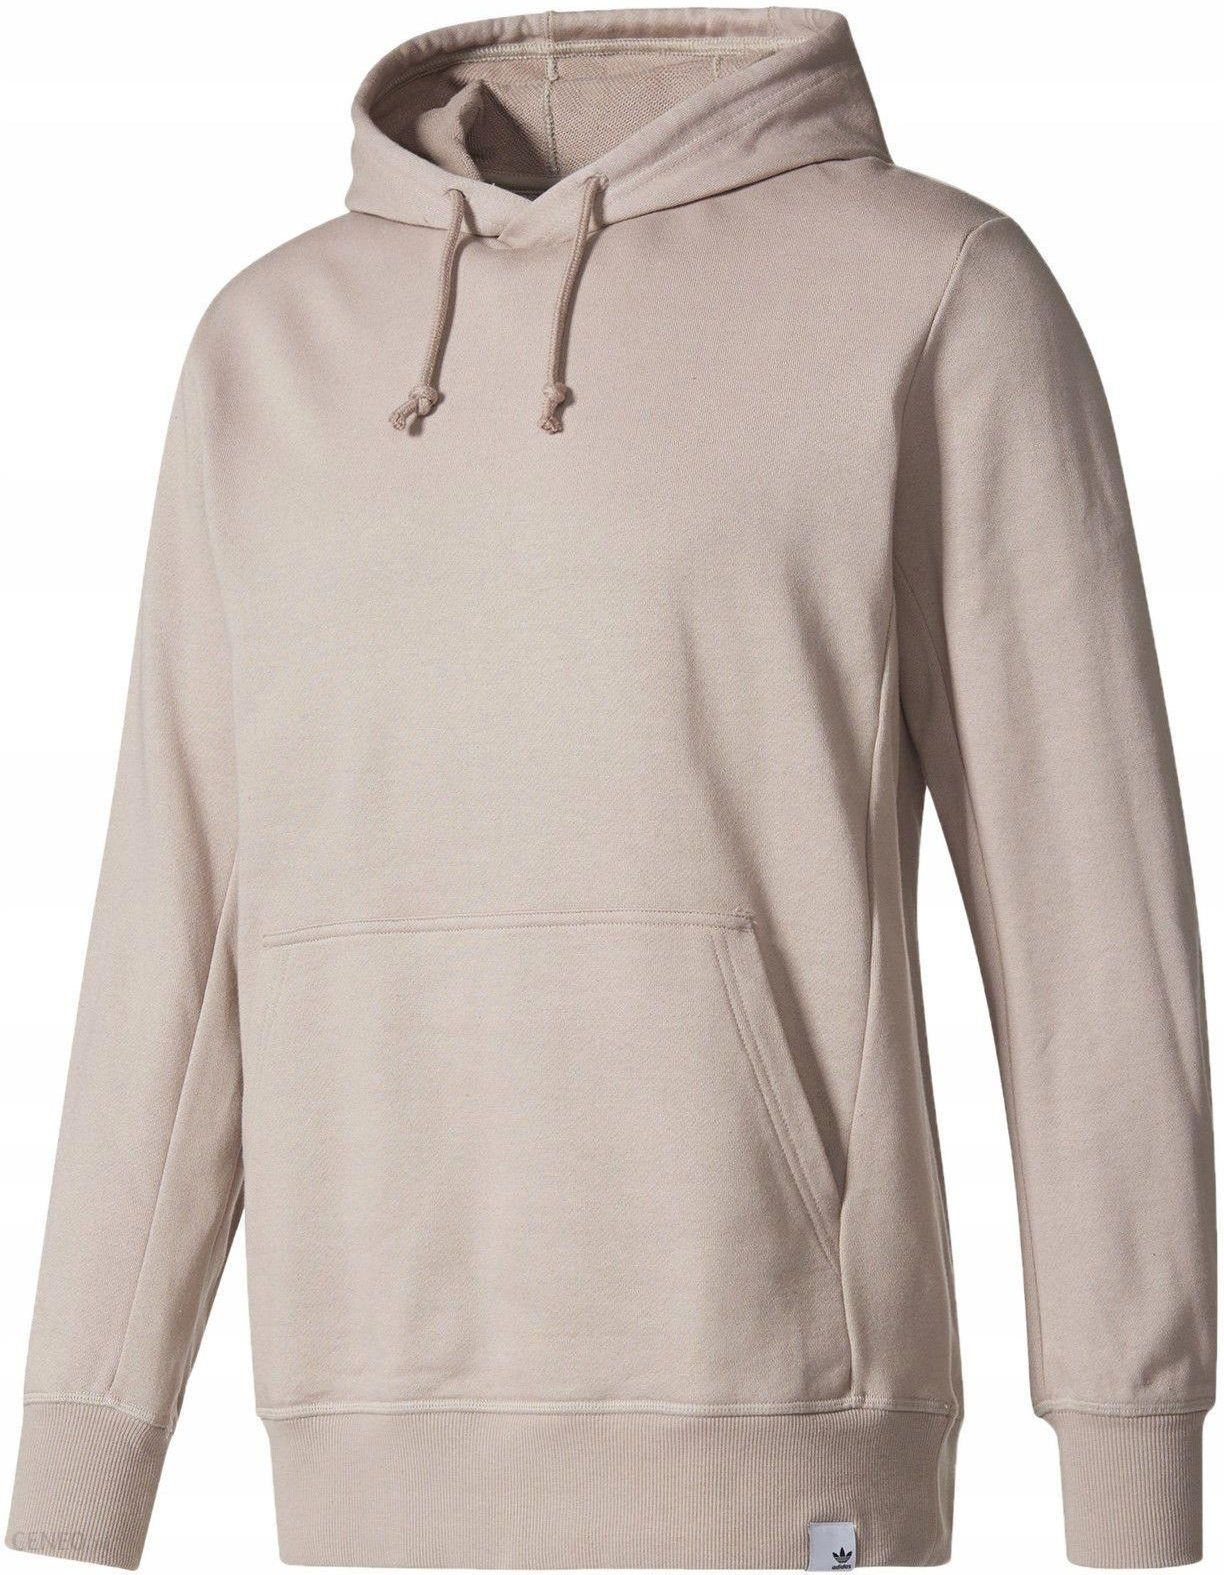 Adidas Originals XbyO Bluza Czarny L Ceny i opinie Ceneo.pl